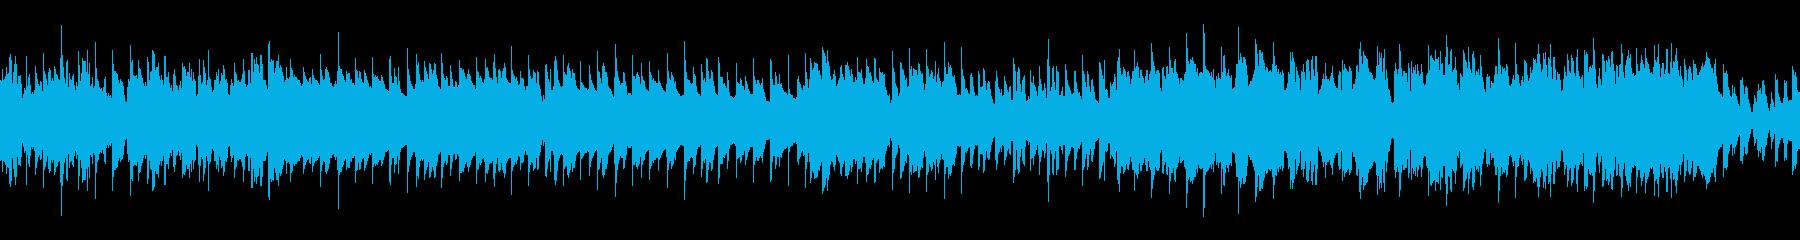 初々しくわくわくした日常のBGMの再生済みの波形